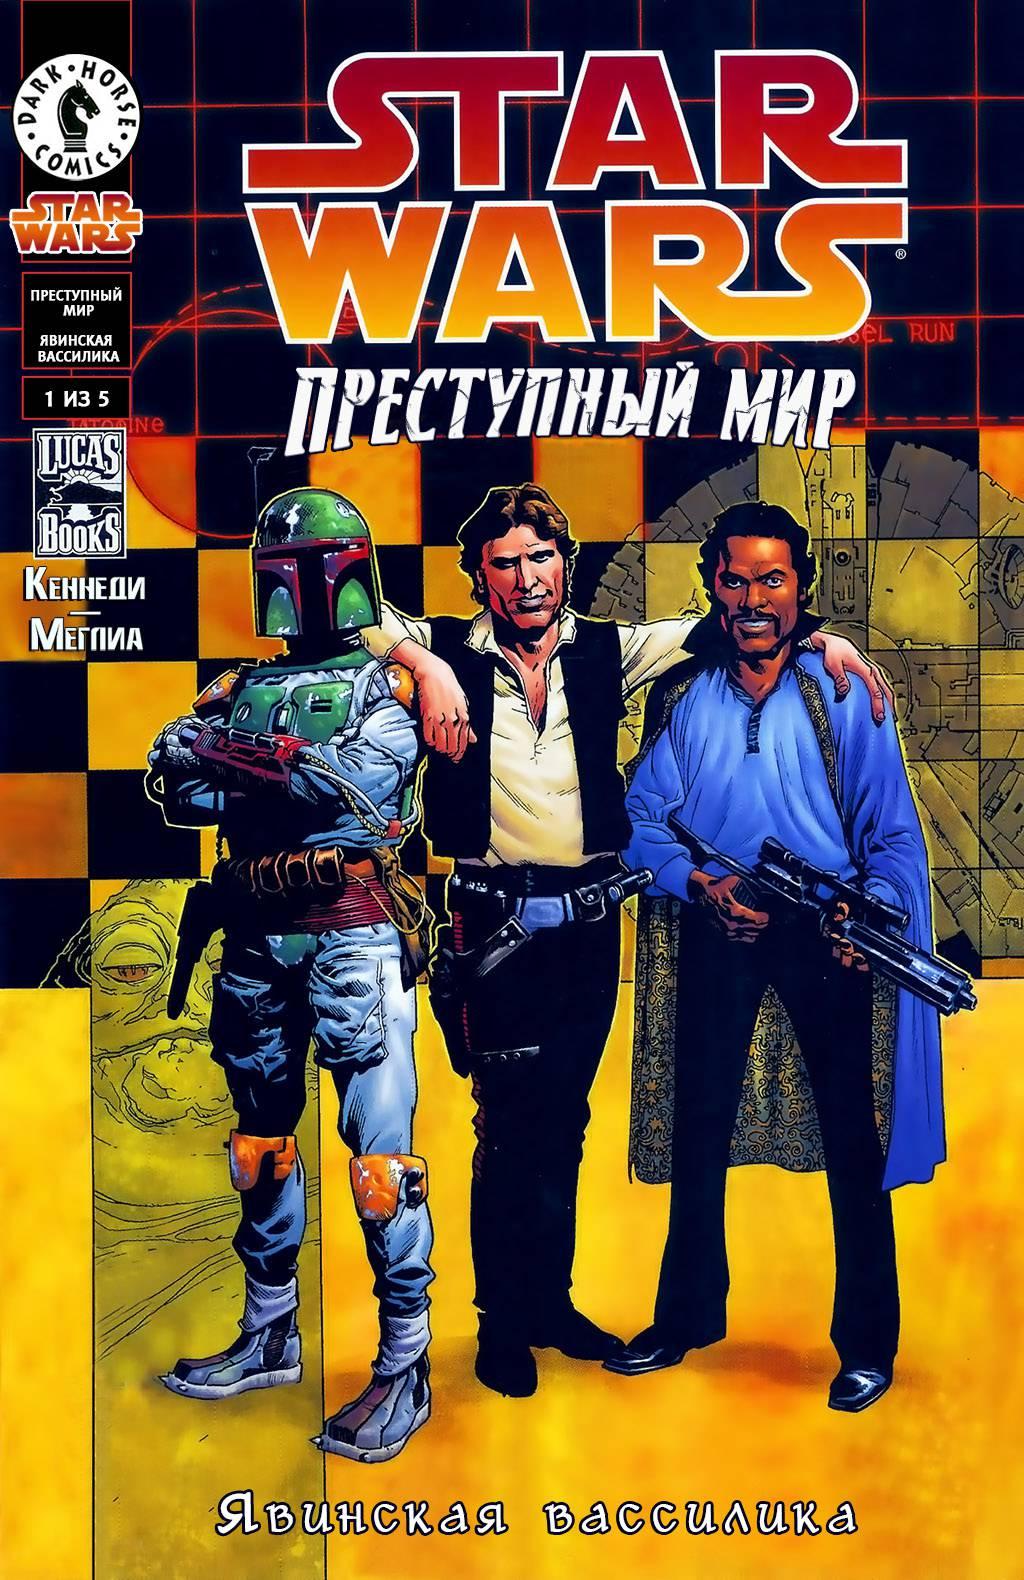 Звездные Войны: Преступный Мир - Явинская Вассилика №1 онлайн